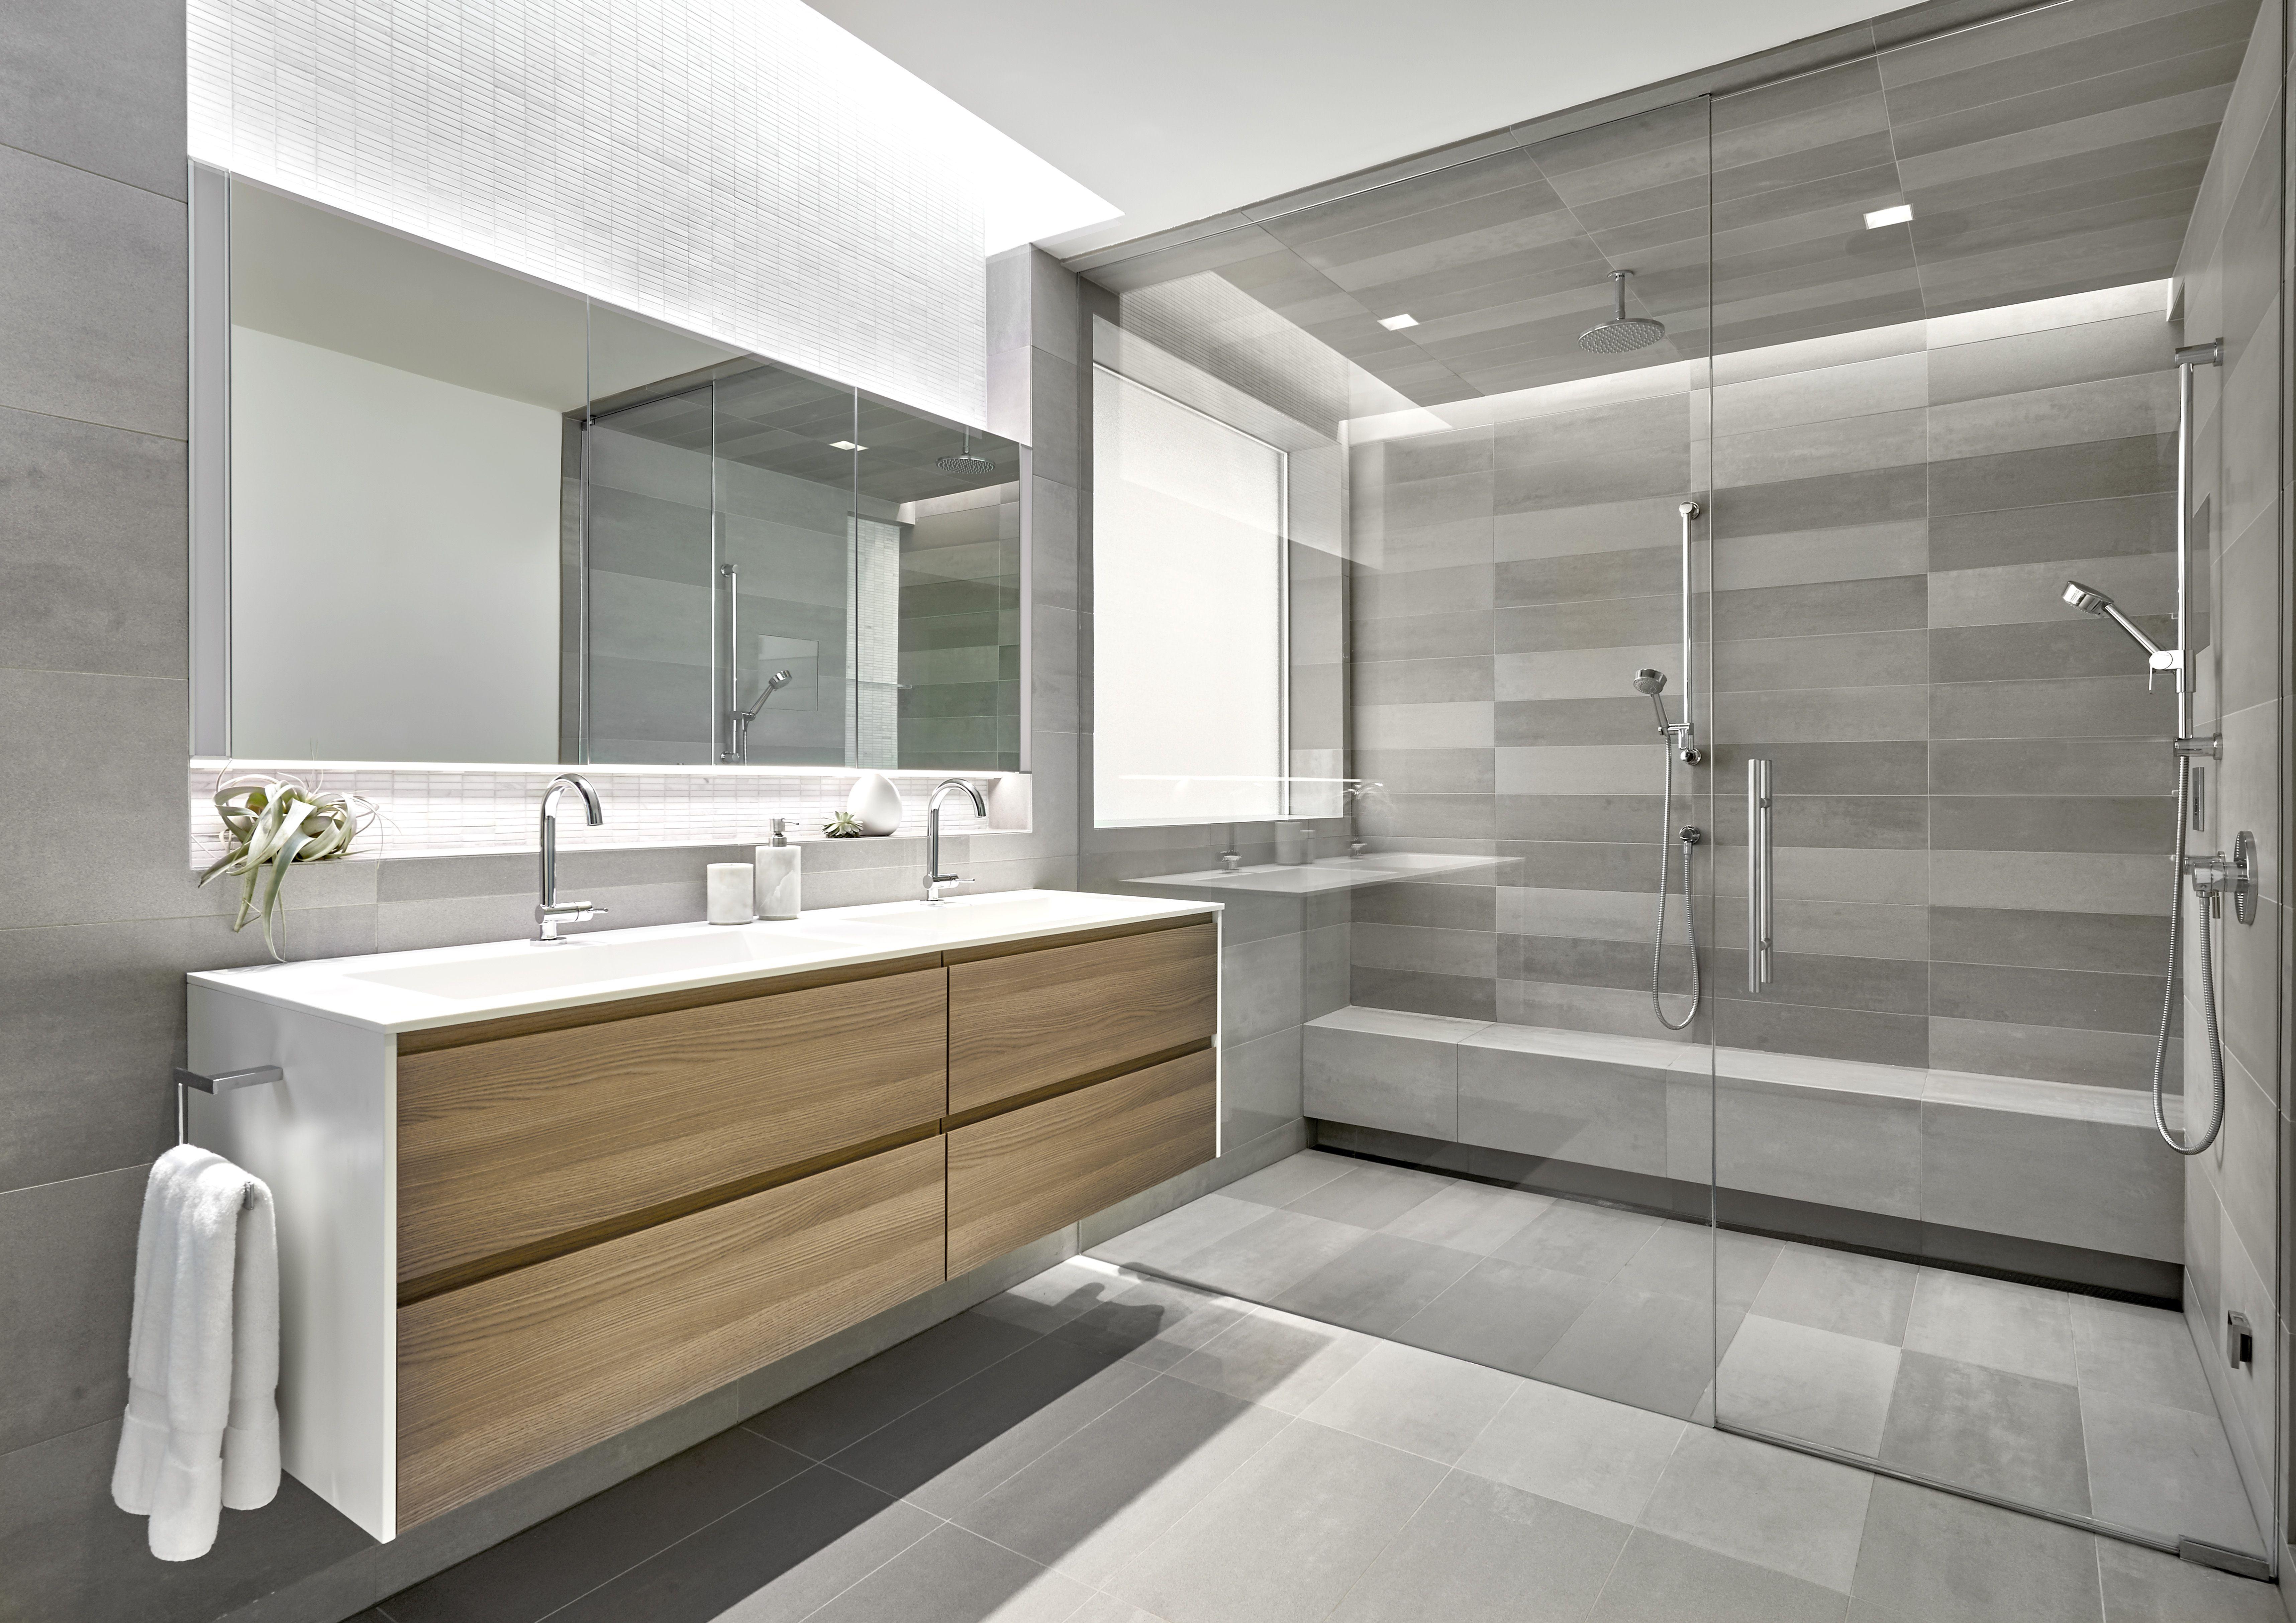 Pin By Yolanda Leon On Design Bathroom Contemporary Bathroom